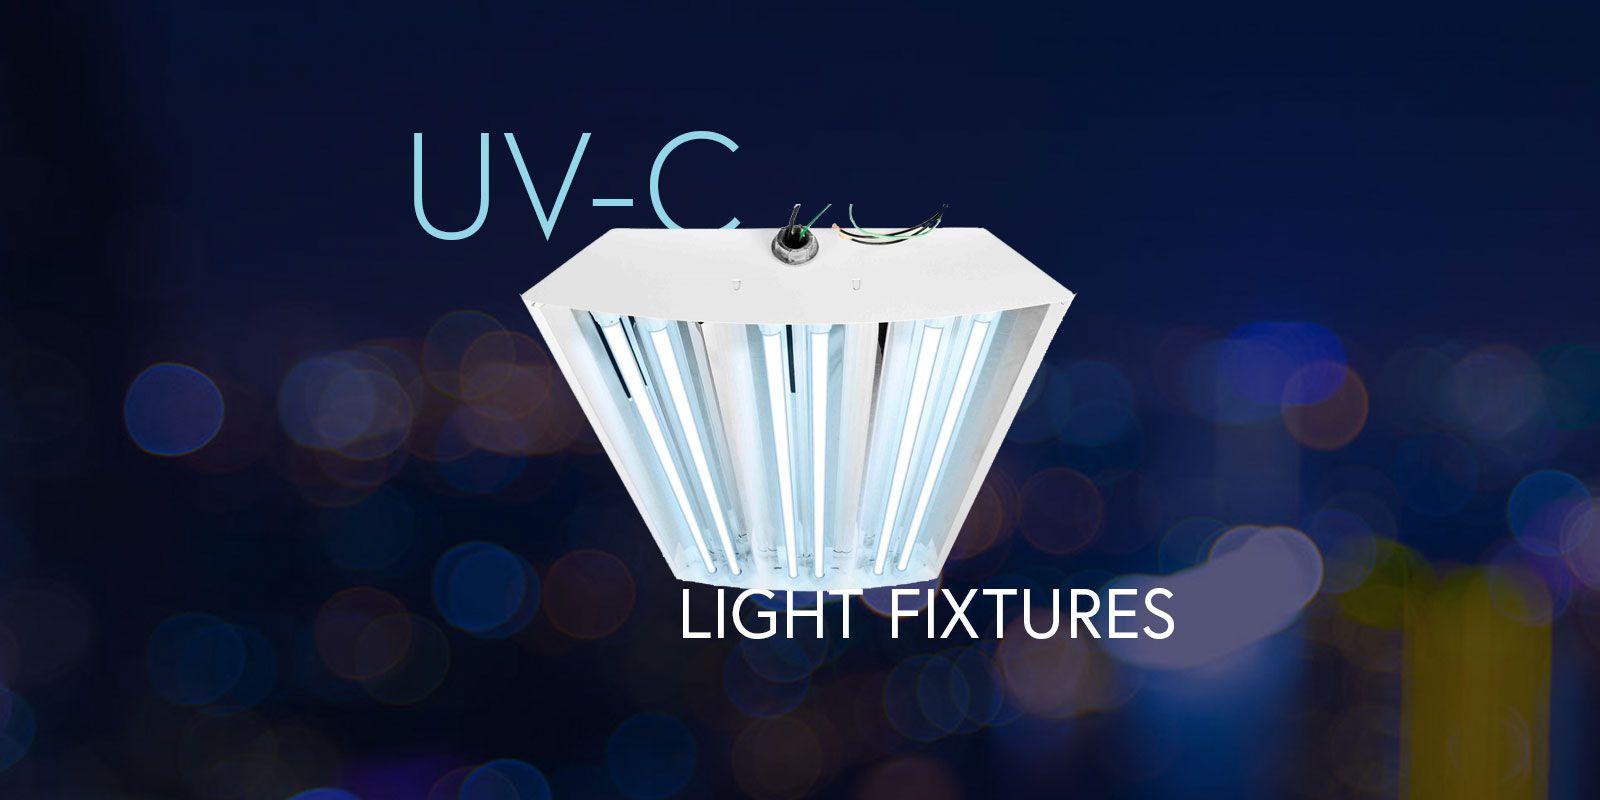 UV-C Light Fixtures